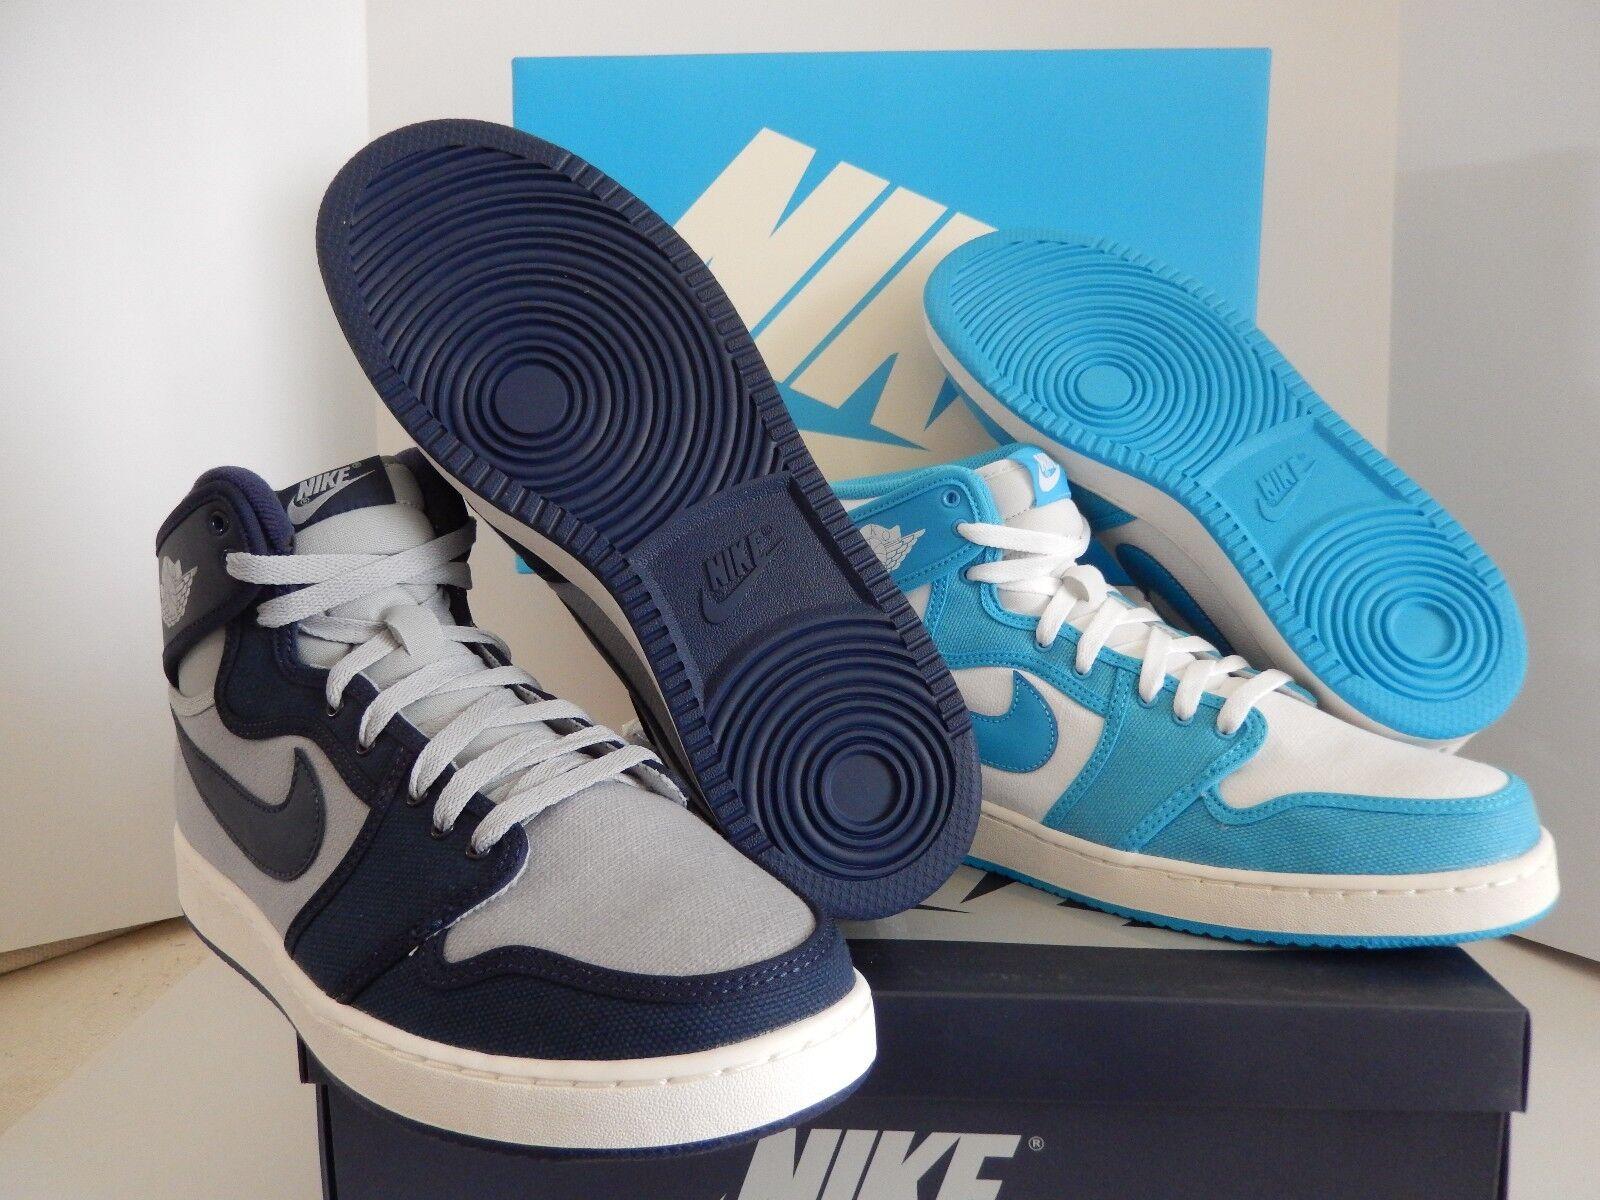 Nike Alta Air Jordan AJ1 KO Alta Nike OG rivalidad Pack UNC/Georgetown [655328900] 9871d4